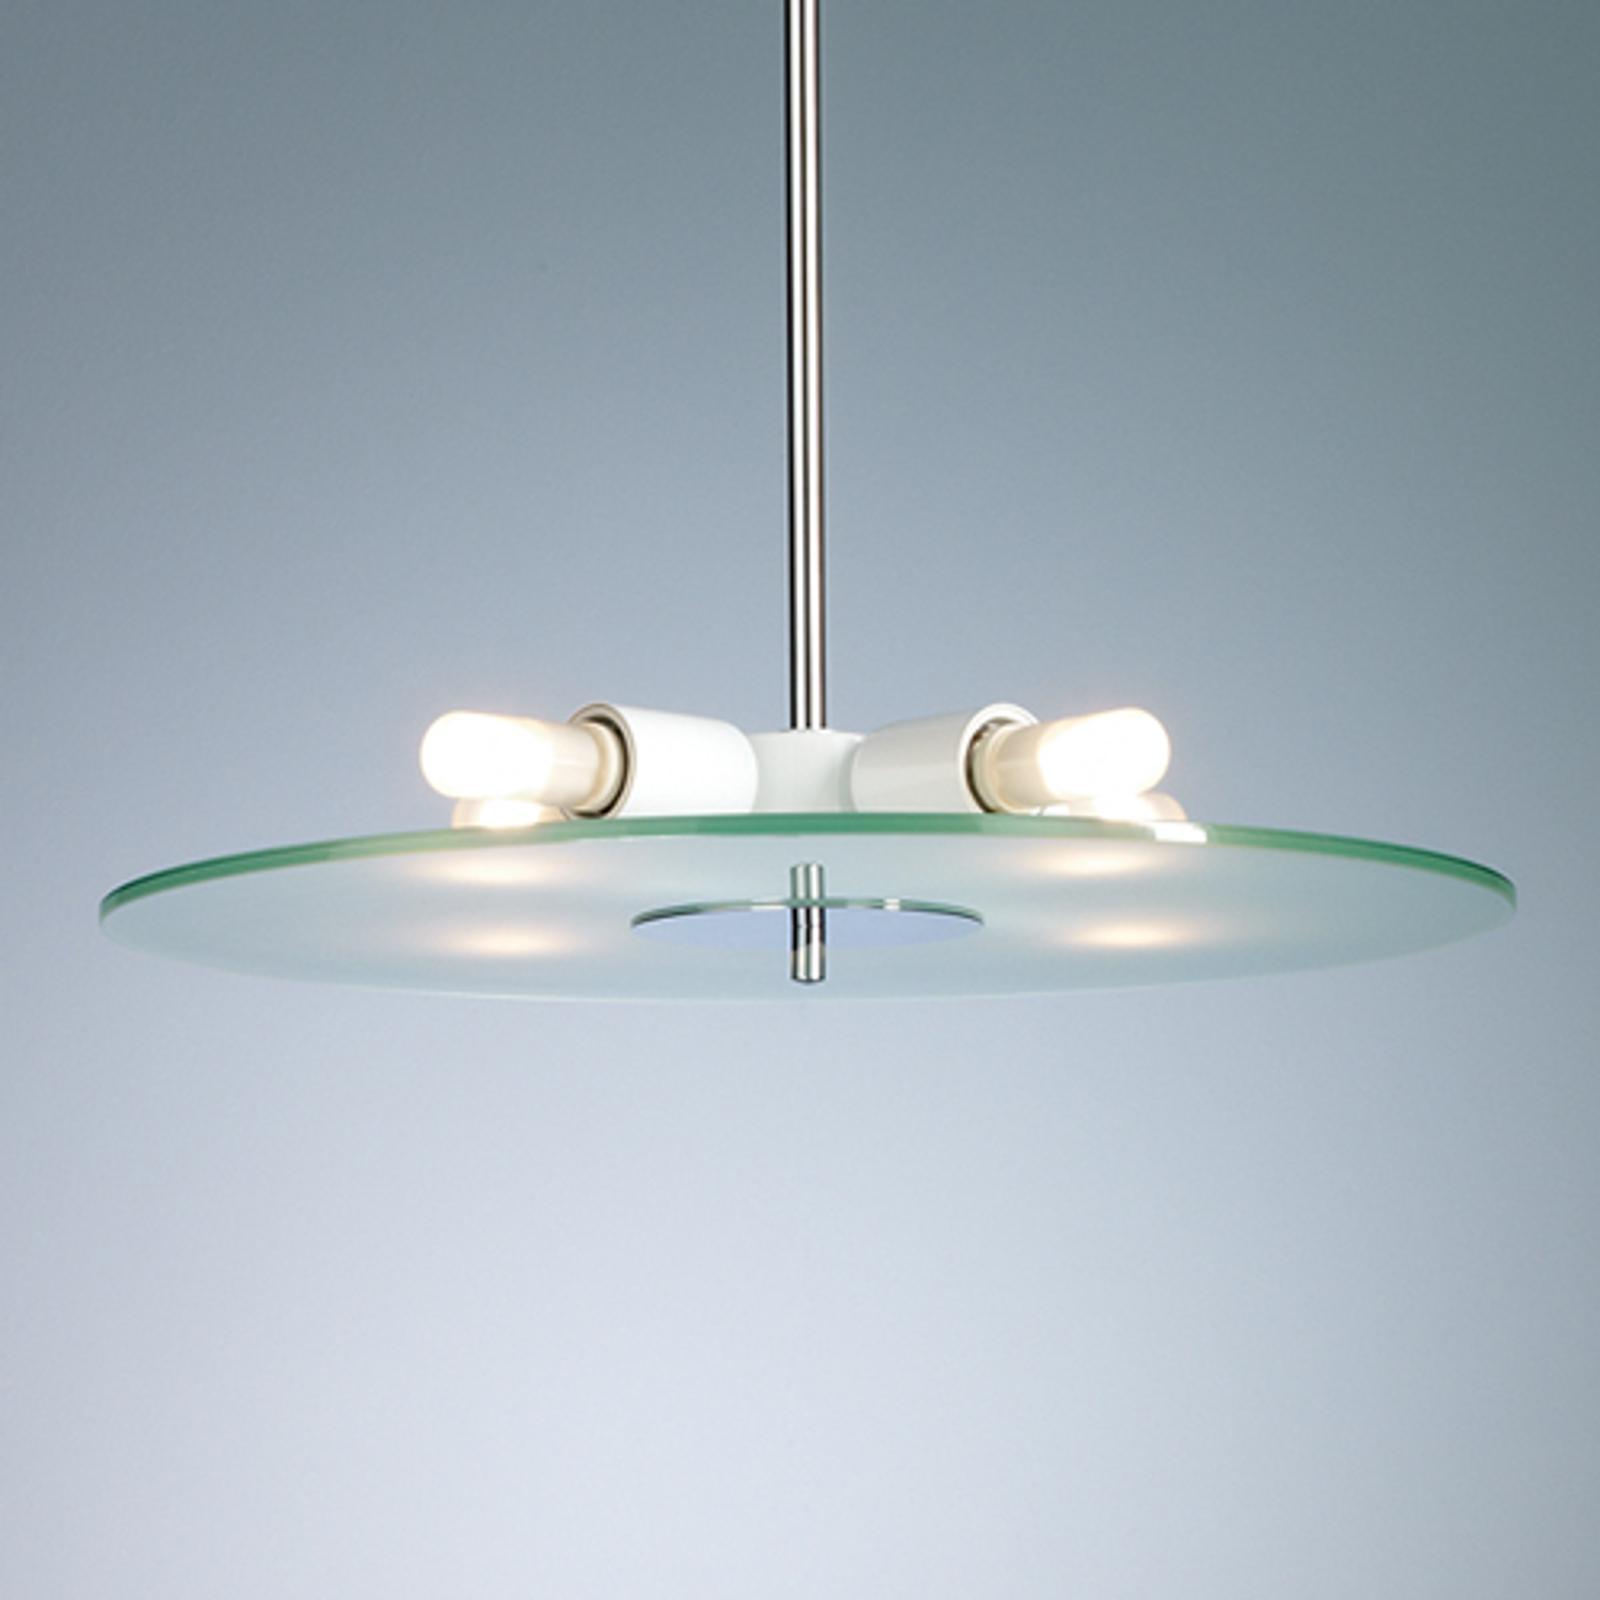 Lampa wisząca DION ze szkła, 50 cm